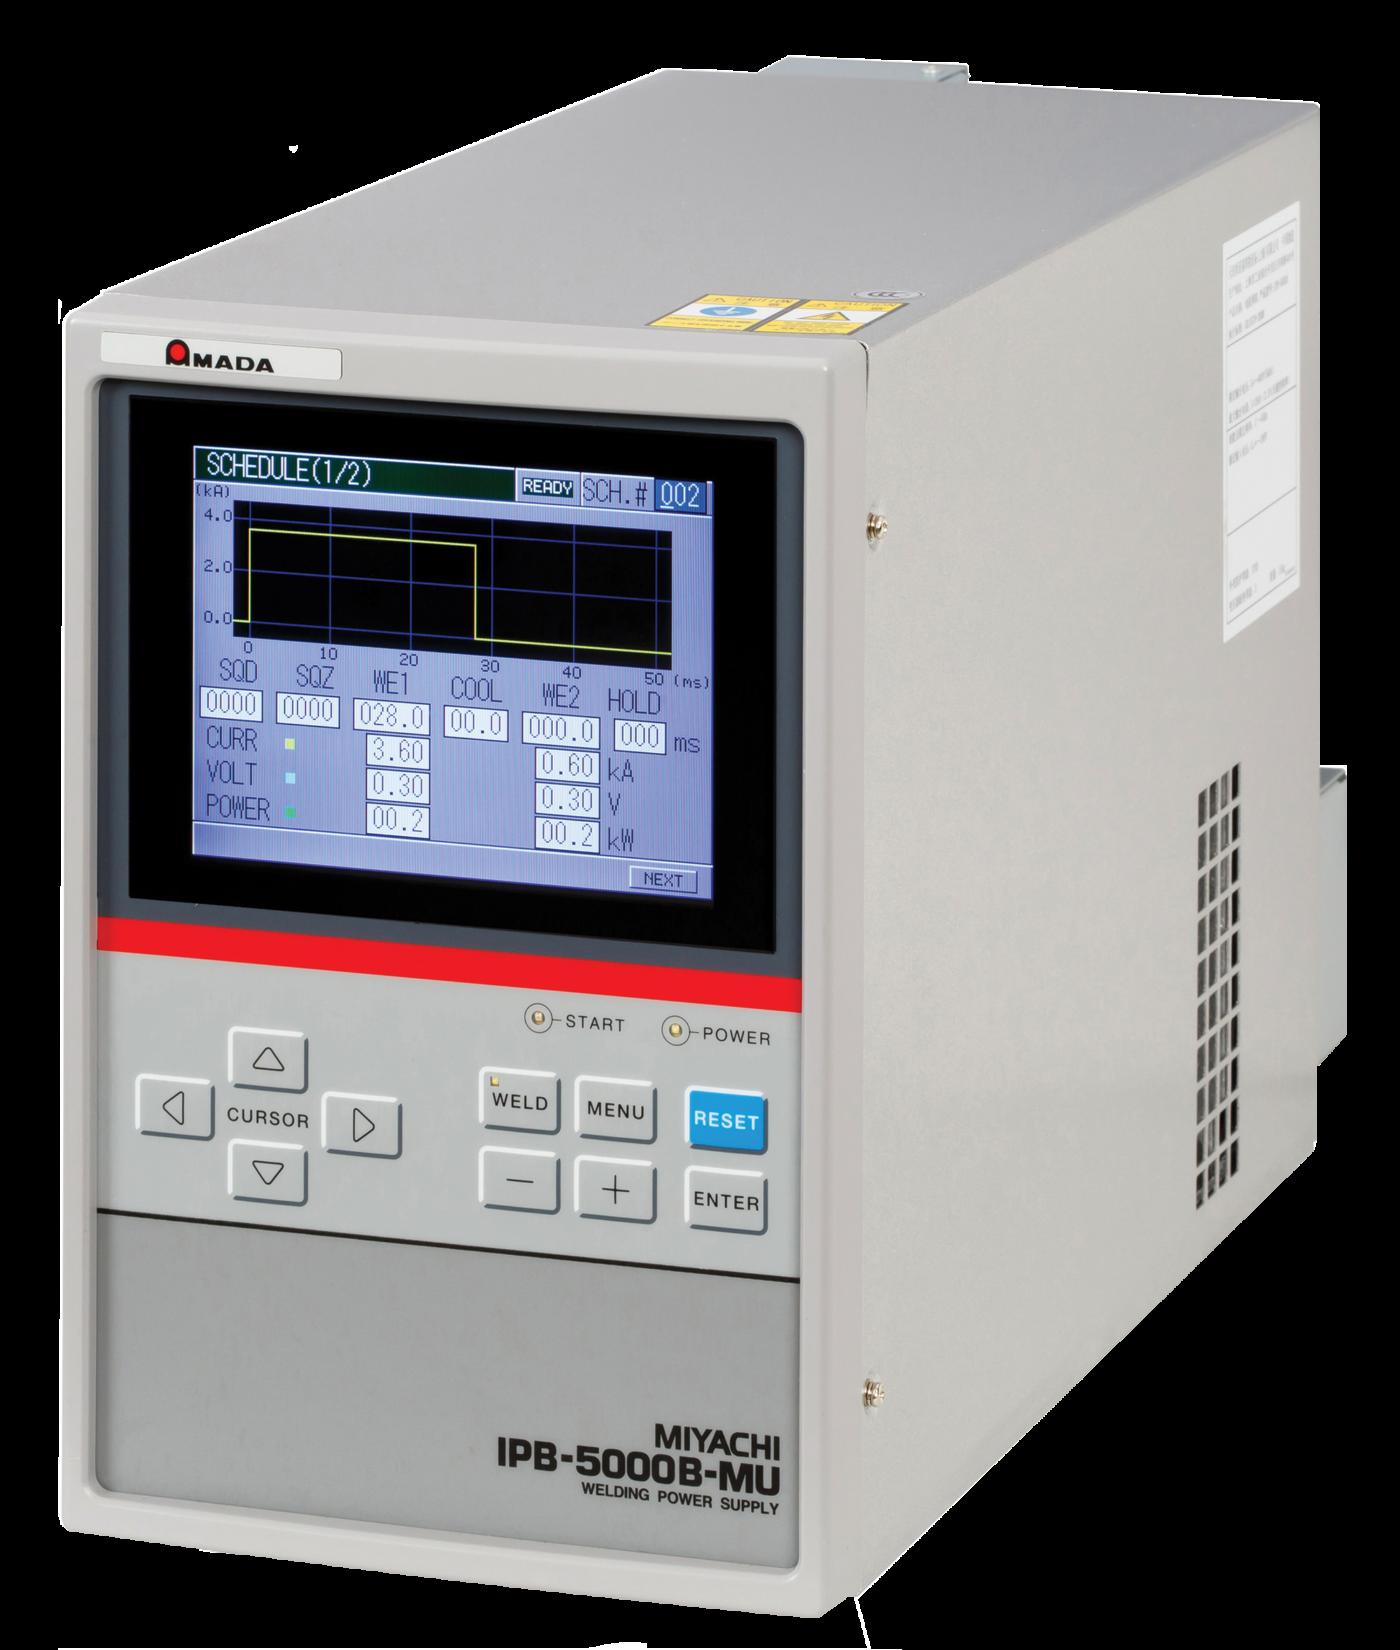 IPB-5000B-MU High Frequency Inverter Spot Welder